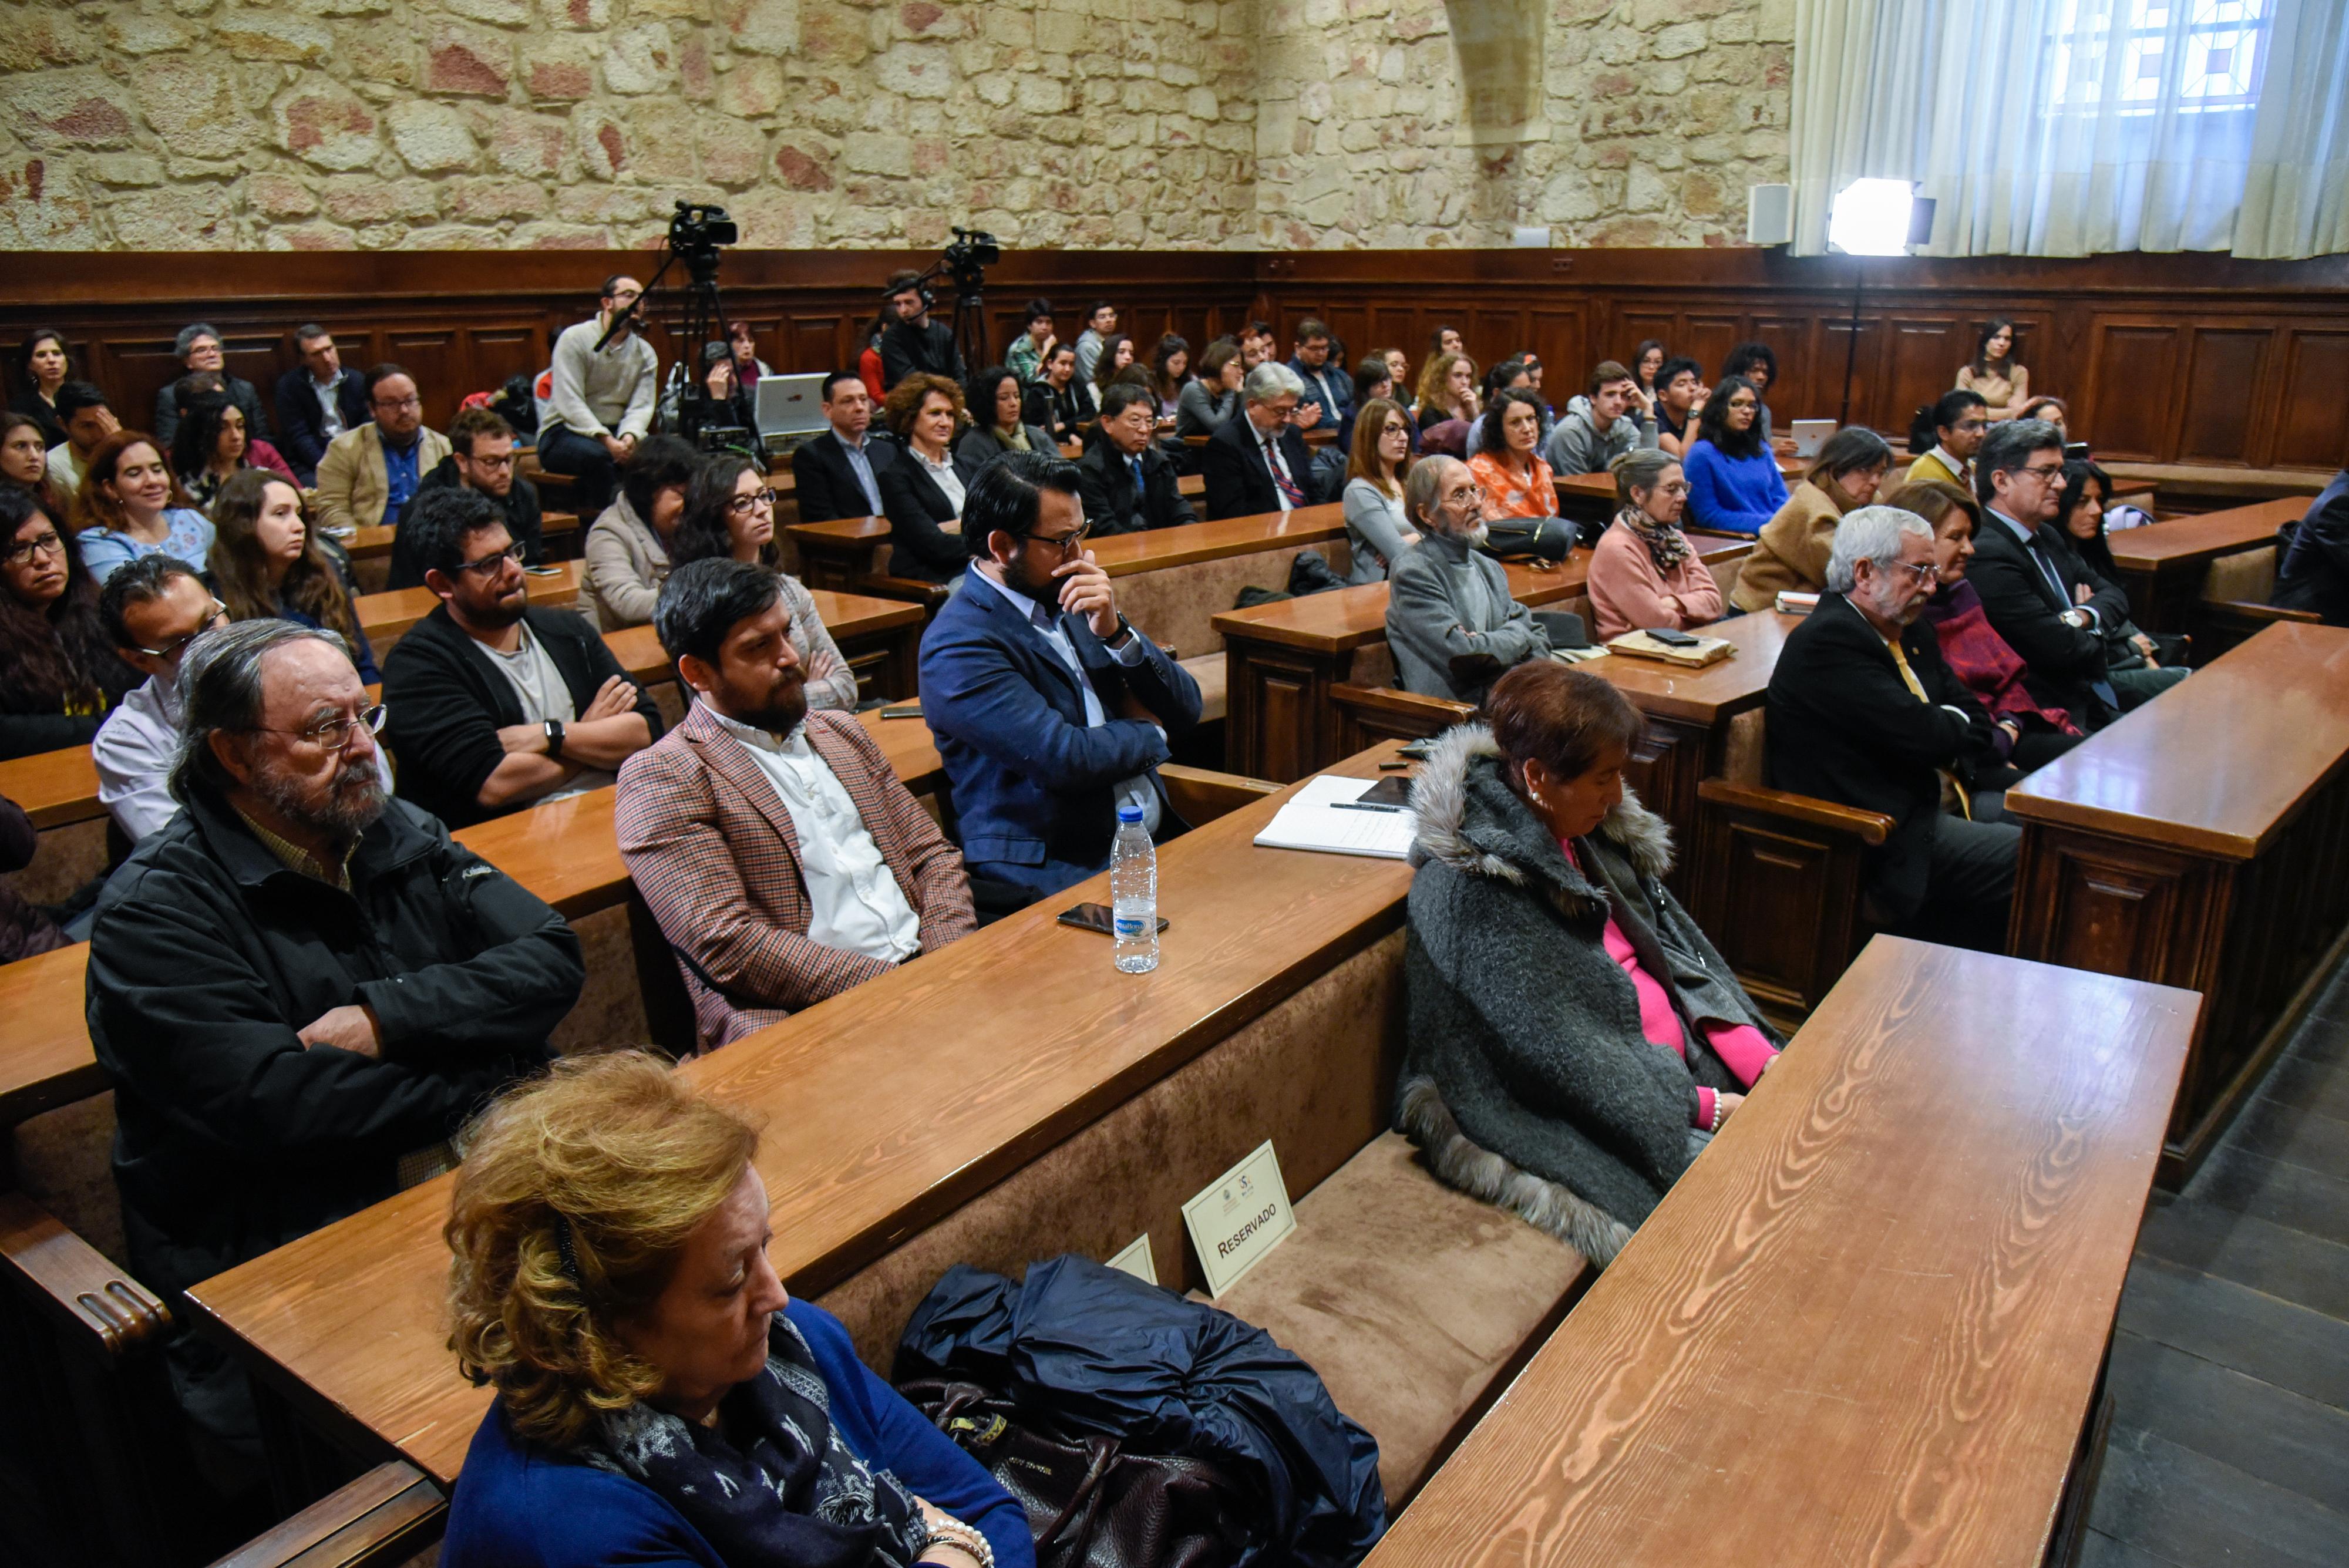 Los escritores Volpi, Jambrina y Noguerol participan en el 'Conversatorio de literatura' dentro de la Semana de la UNAM en la Universidad de Salamanca